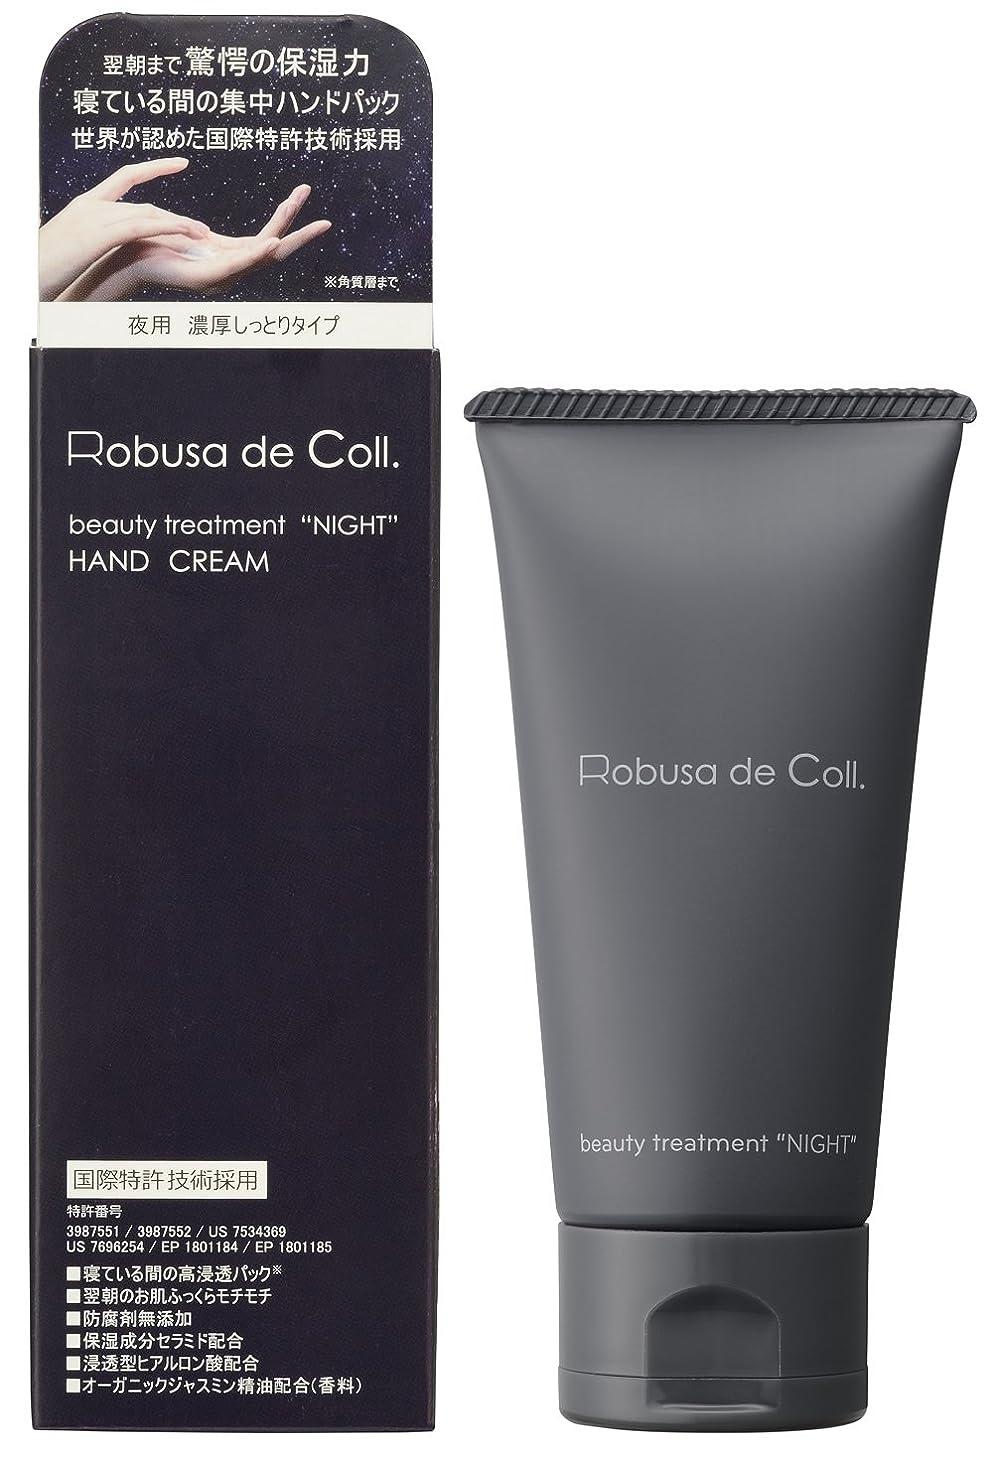 距離下向き領収書Robusa de Coll. (ロブサデコル) ナイトリペアクリーム (ハンドクリーム) 60g (皮膚保護クリーム 乾燥 敏感肌用)